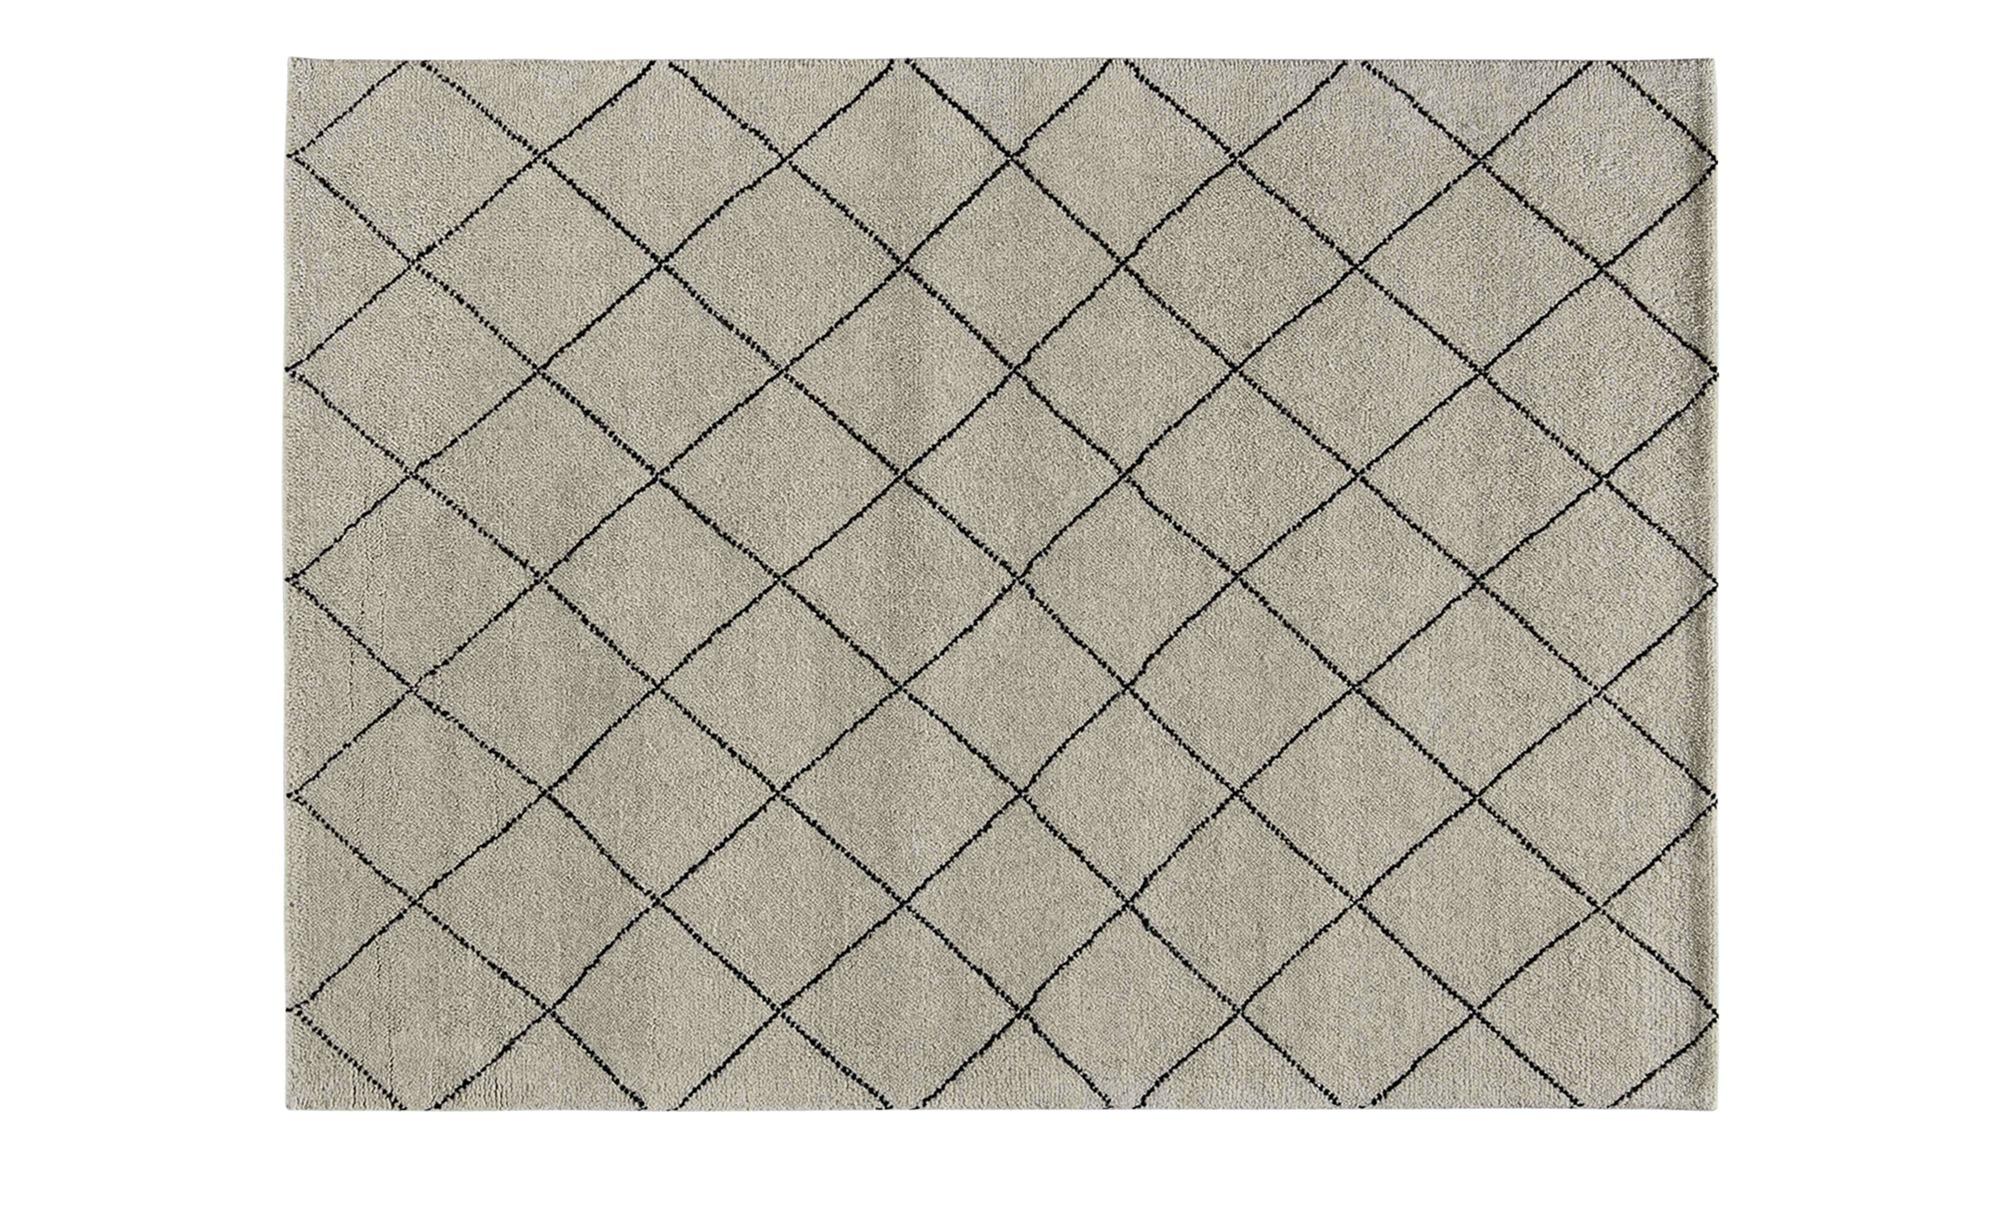 Berber-Teppich  Marrakesh Design simple ¦ grau ¦ reine Wolle ¦ Maße (cm): B: 170 Teppiche > Auslegware - Höffner   Heimtextilien > Teppiche > Berberteppiche   Grau   Wolle   Möbel Höffner DE